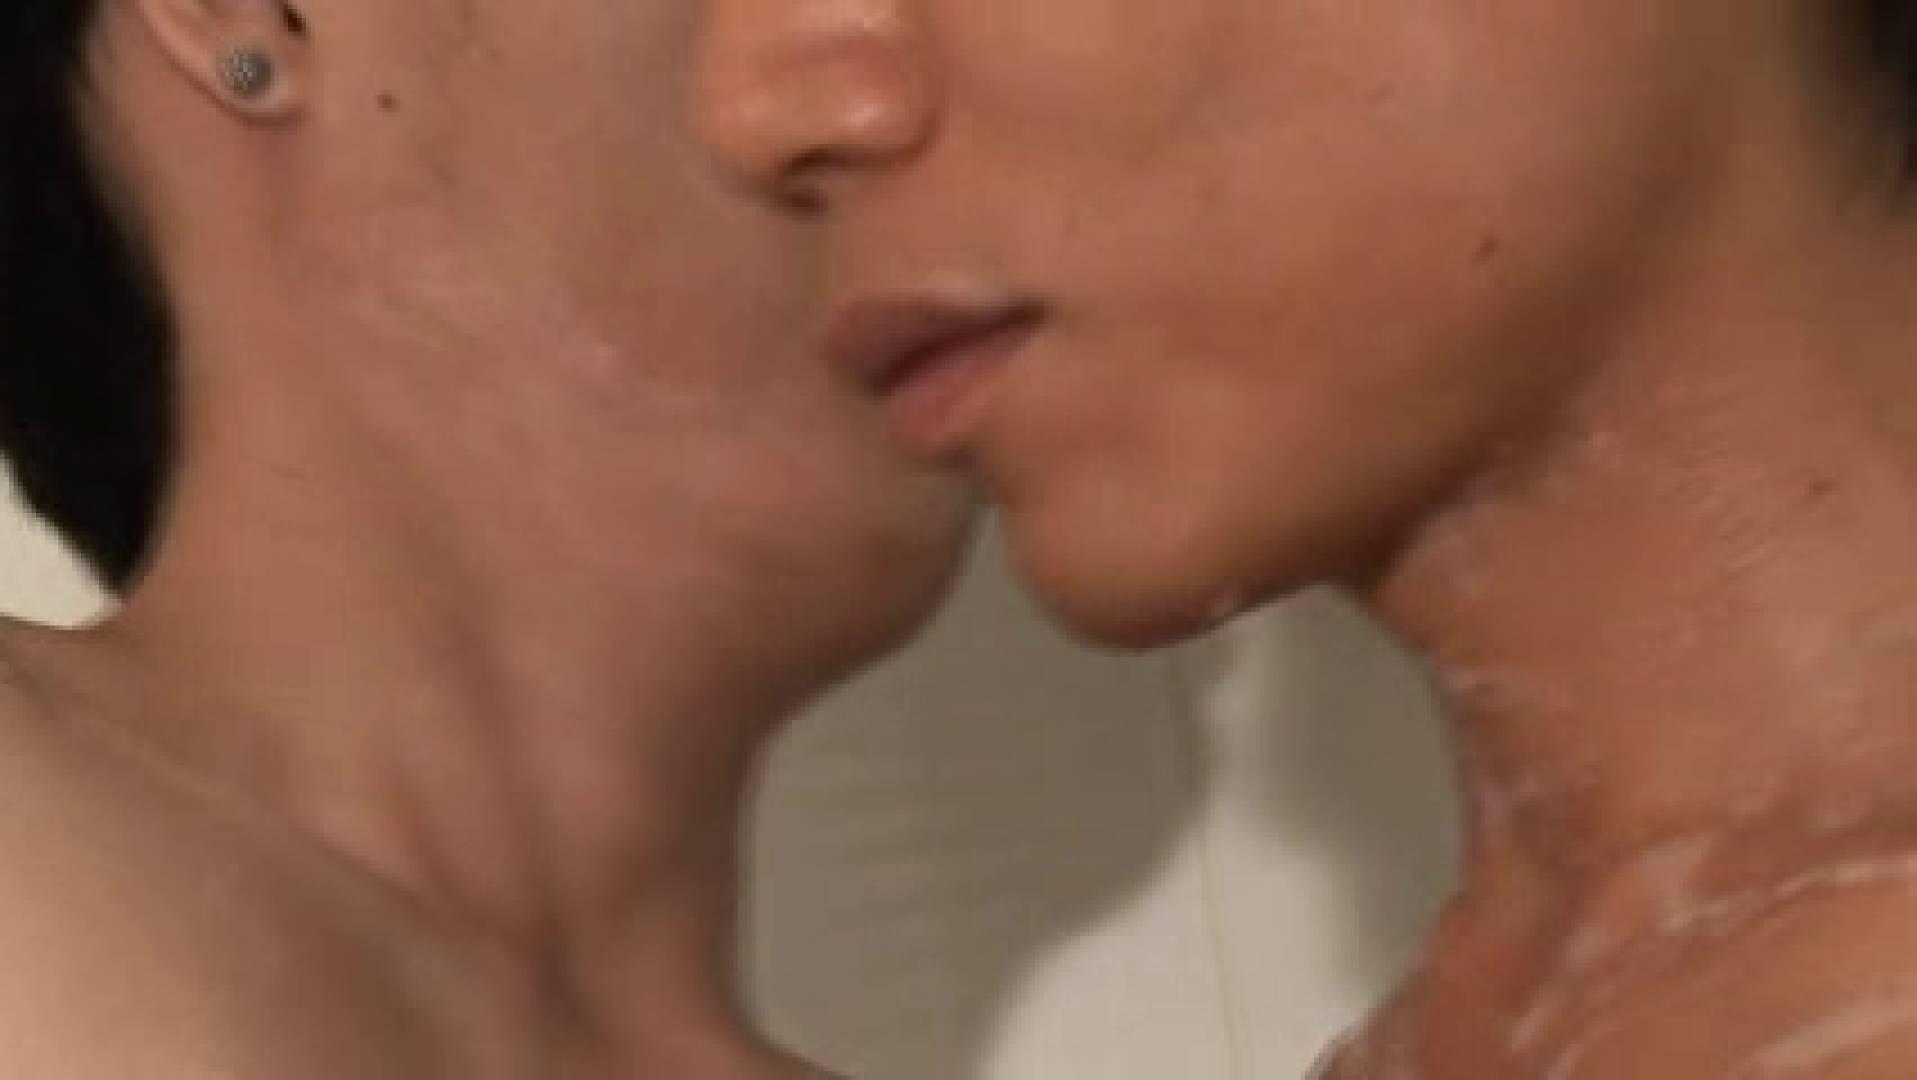 雄穴堀MAX!!vol.02 フェラ ゲイ素人エロ画像 106枚 17